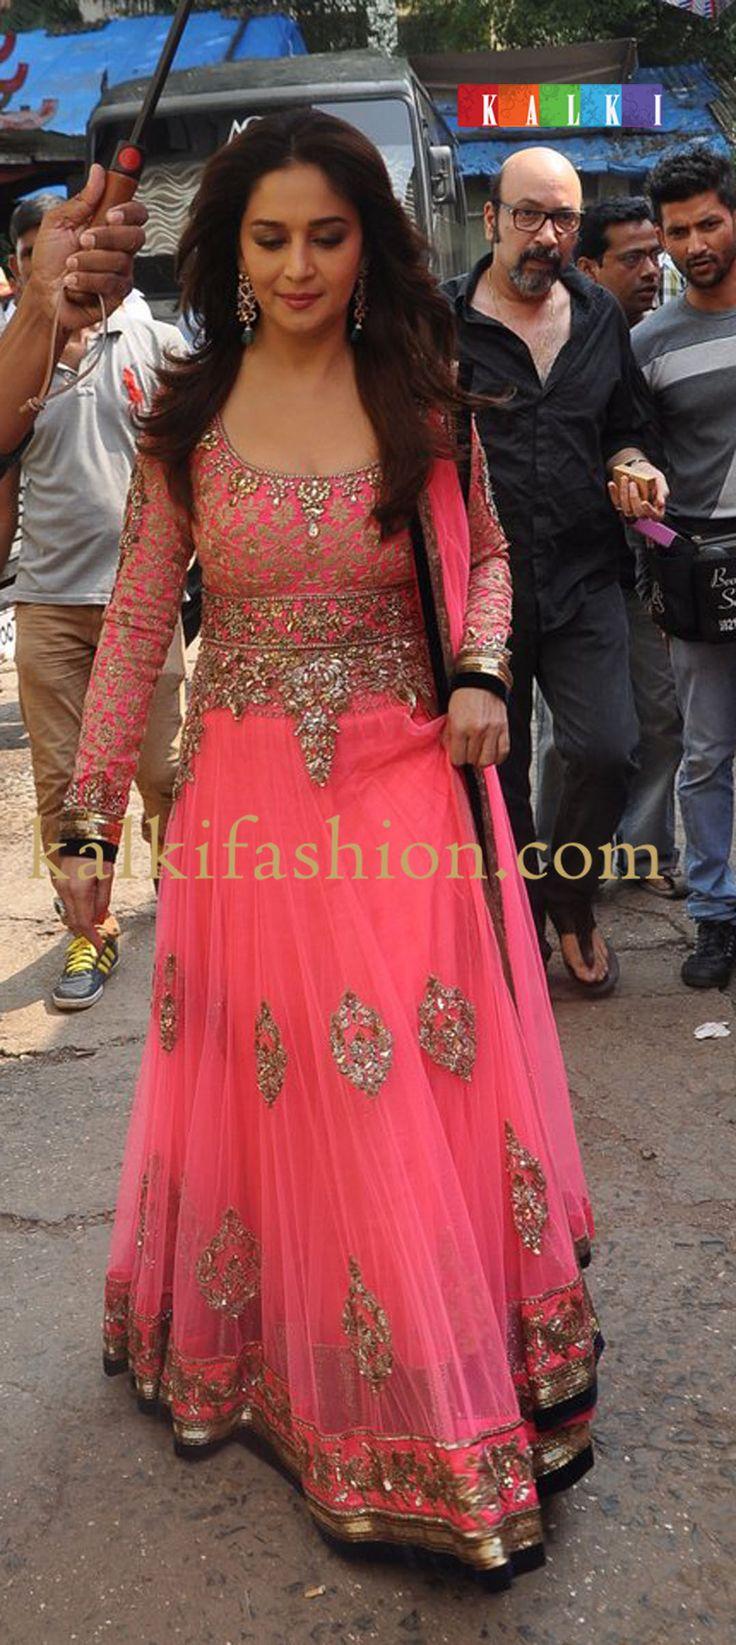 http://www.kalkifashion.com/ Madhuri Dixit Nene in Manish Malhotra's Pink attire at JDJ finals